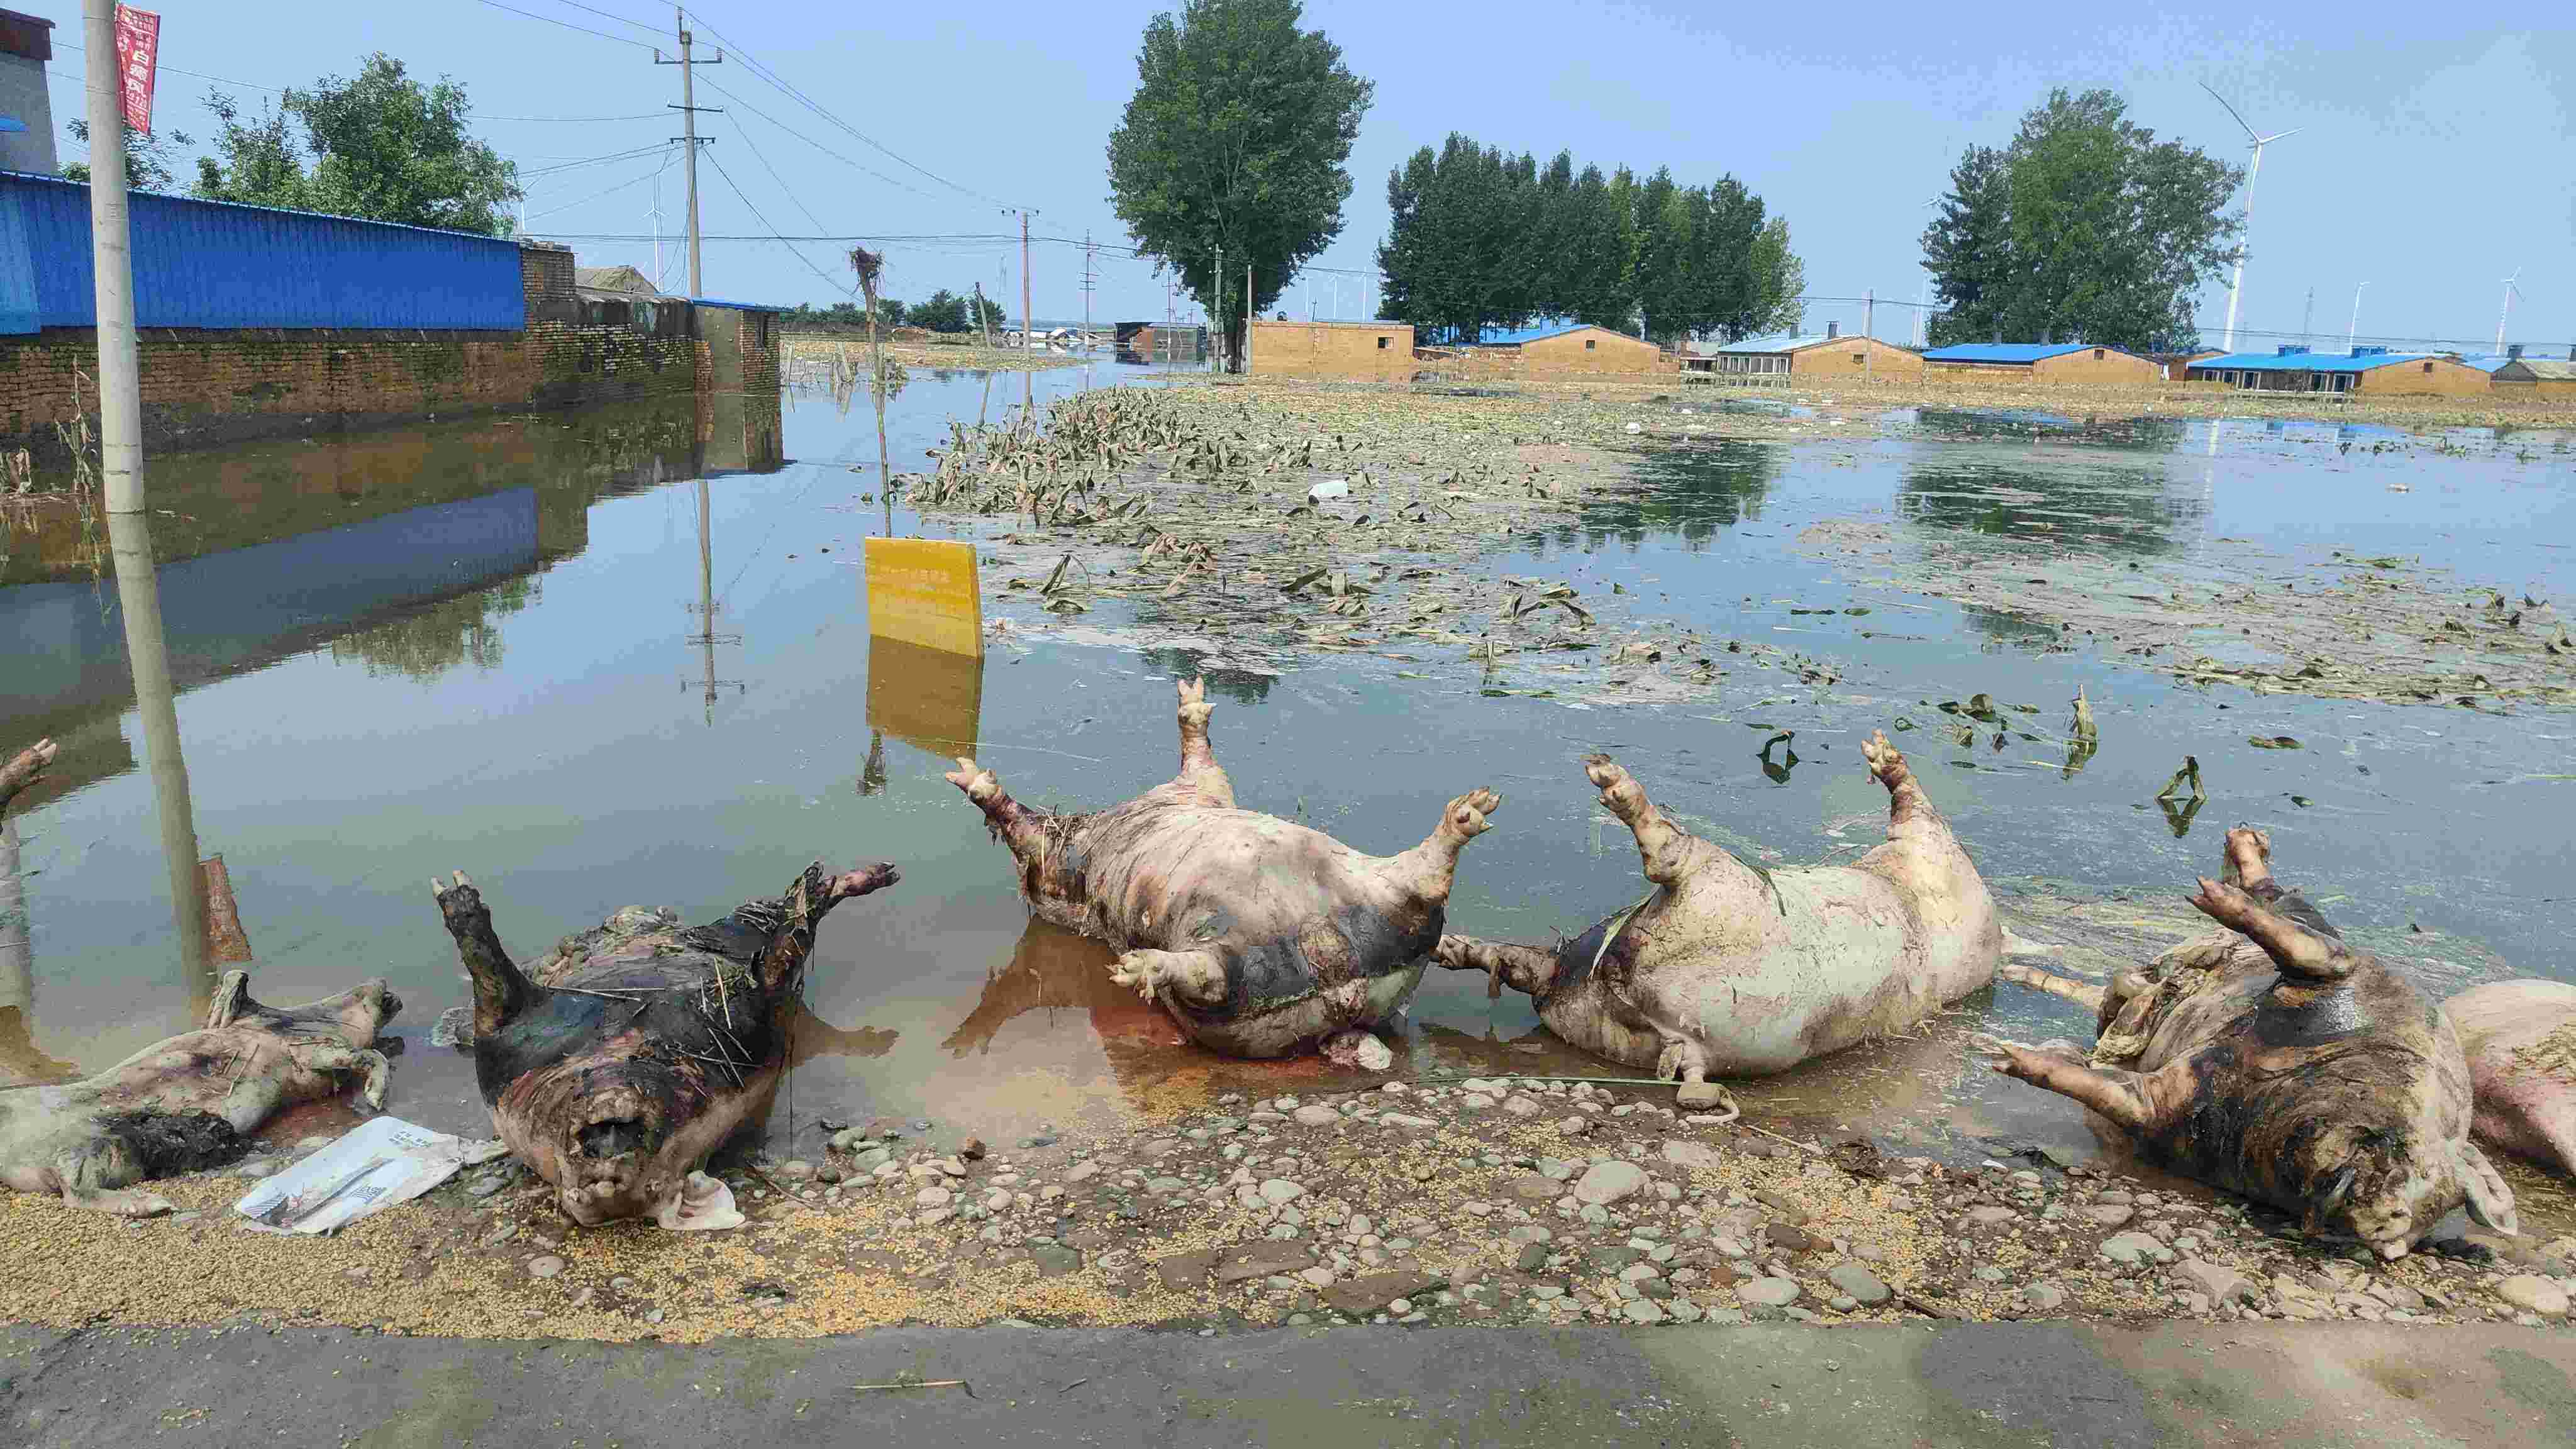 鹤壁淇县灾后重建:村民返家抢救麦子,政府组织统一处理动物尸体